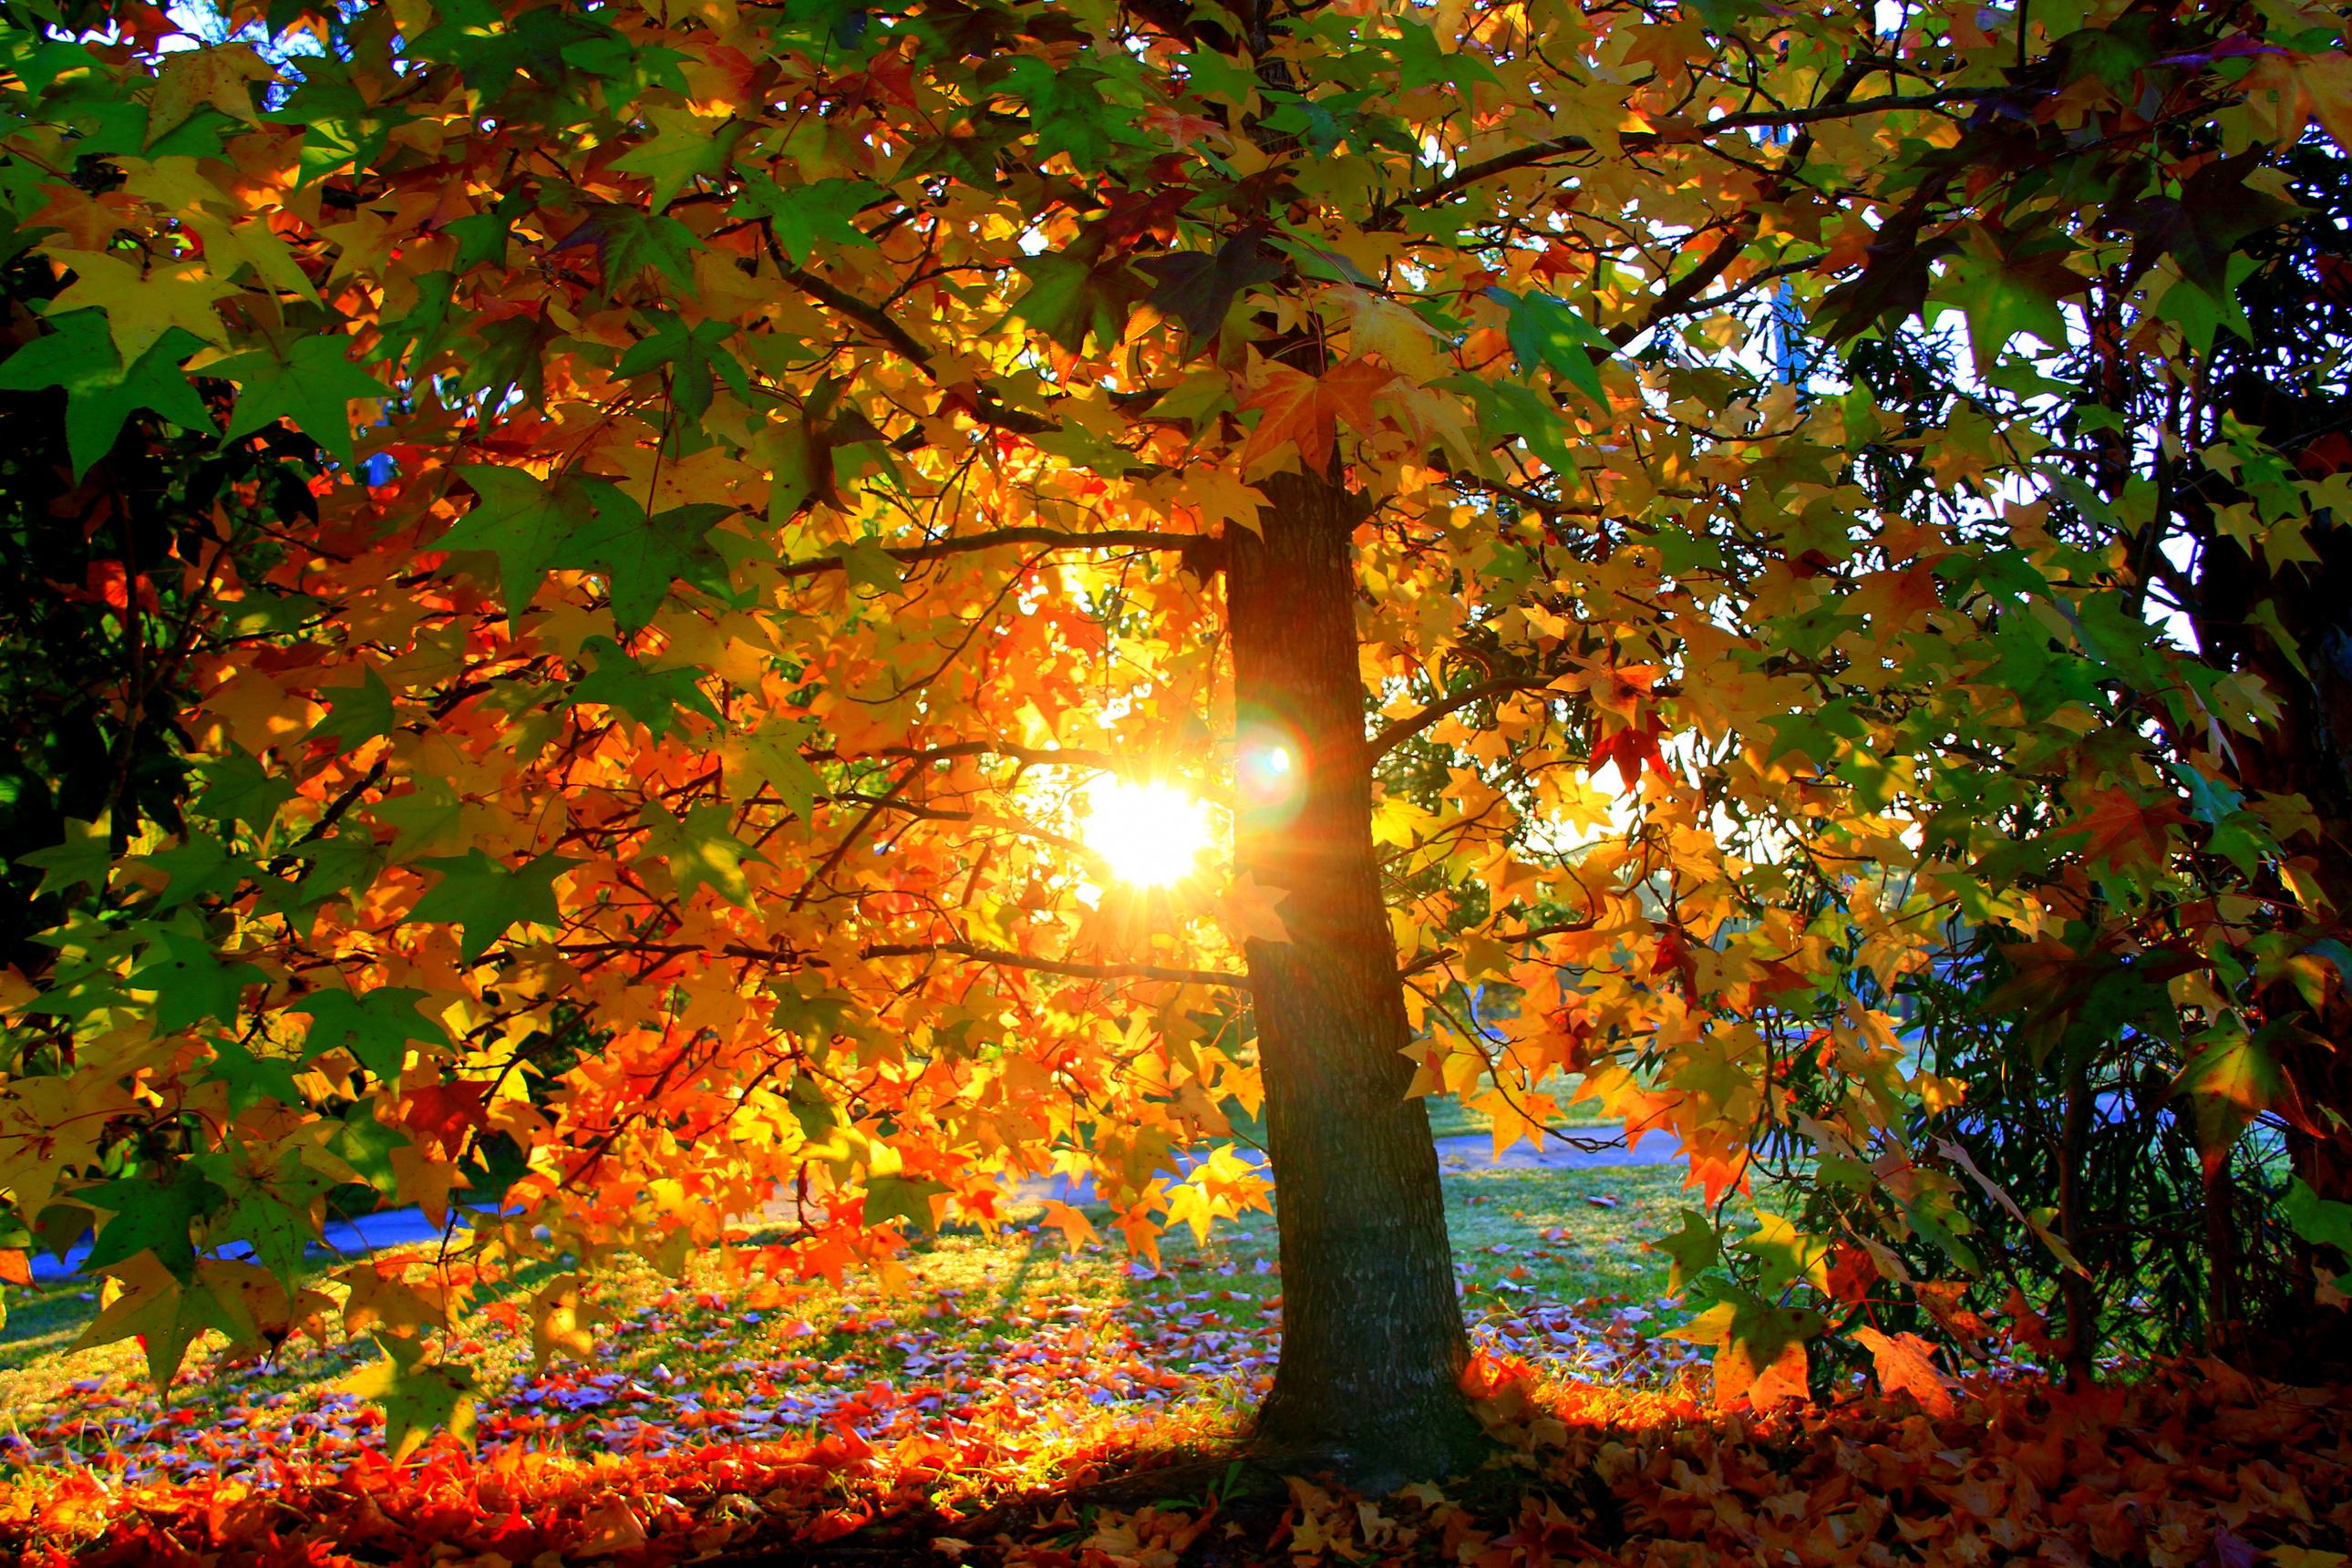 деревья листва осень солнце  № 3191803 загрузить